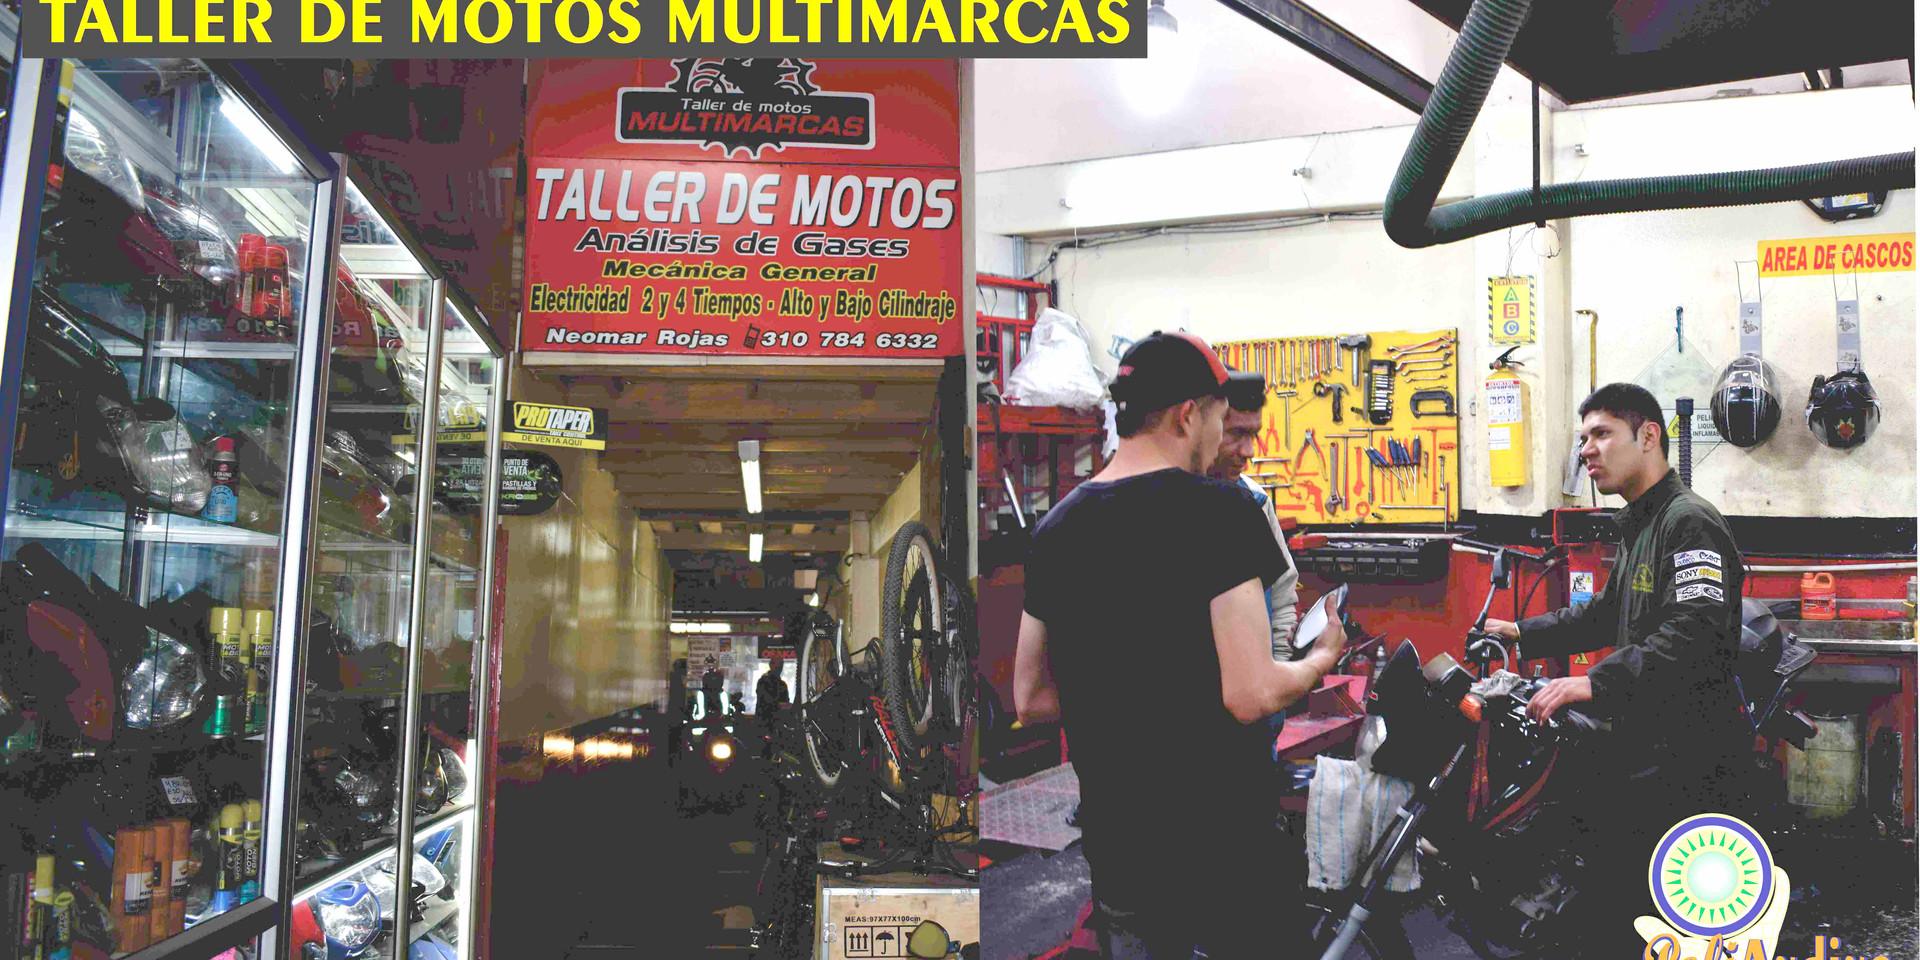 Multimarcas4.jpg